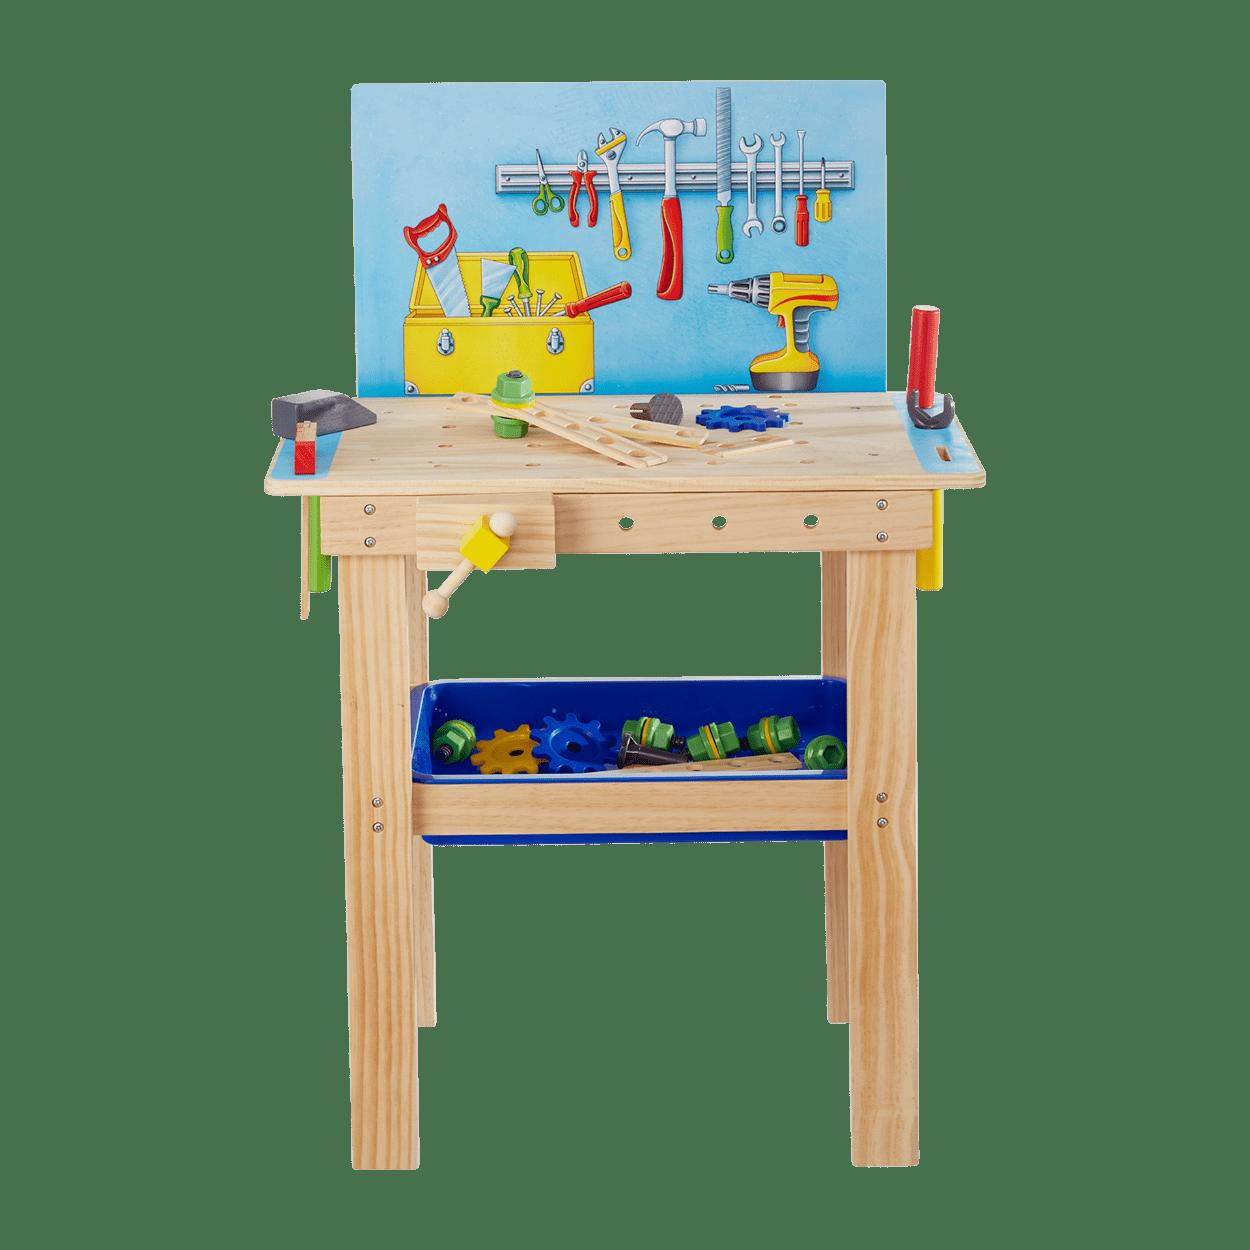 Playland Holz Kuche Werkbank Kaufladen Gunstig Bei Aldi Nord